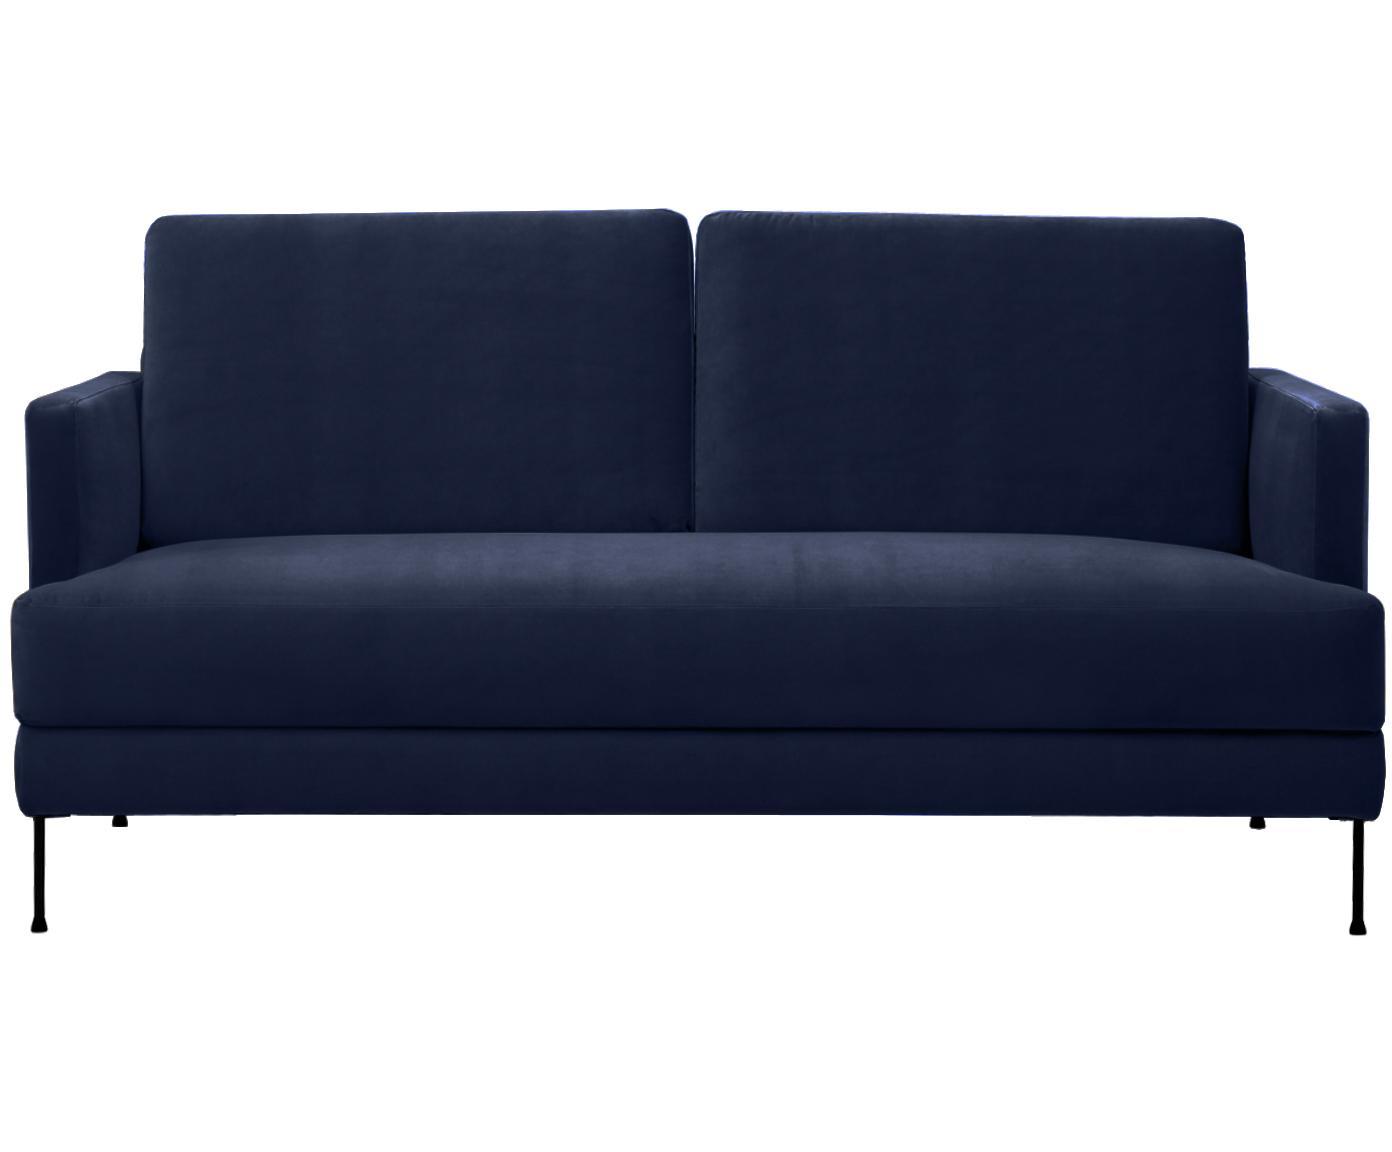 Sofá de terciopelo Fluente (2plazas), Tapizado: terciopelo (tapizado de p, Estructura: madera de pino maciza, Patas: metal lacado, Terciopelo azul oscuro, An 168 x F 83 cm